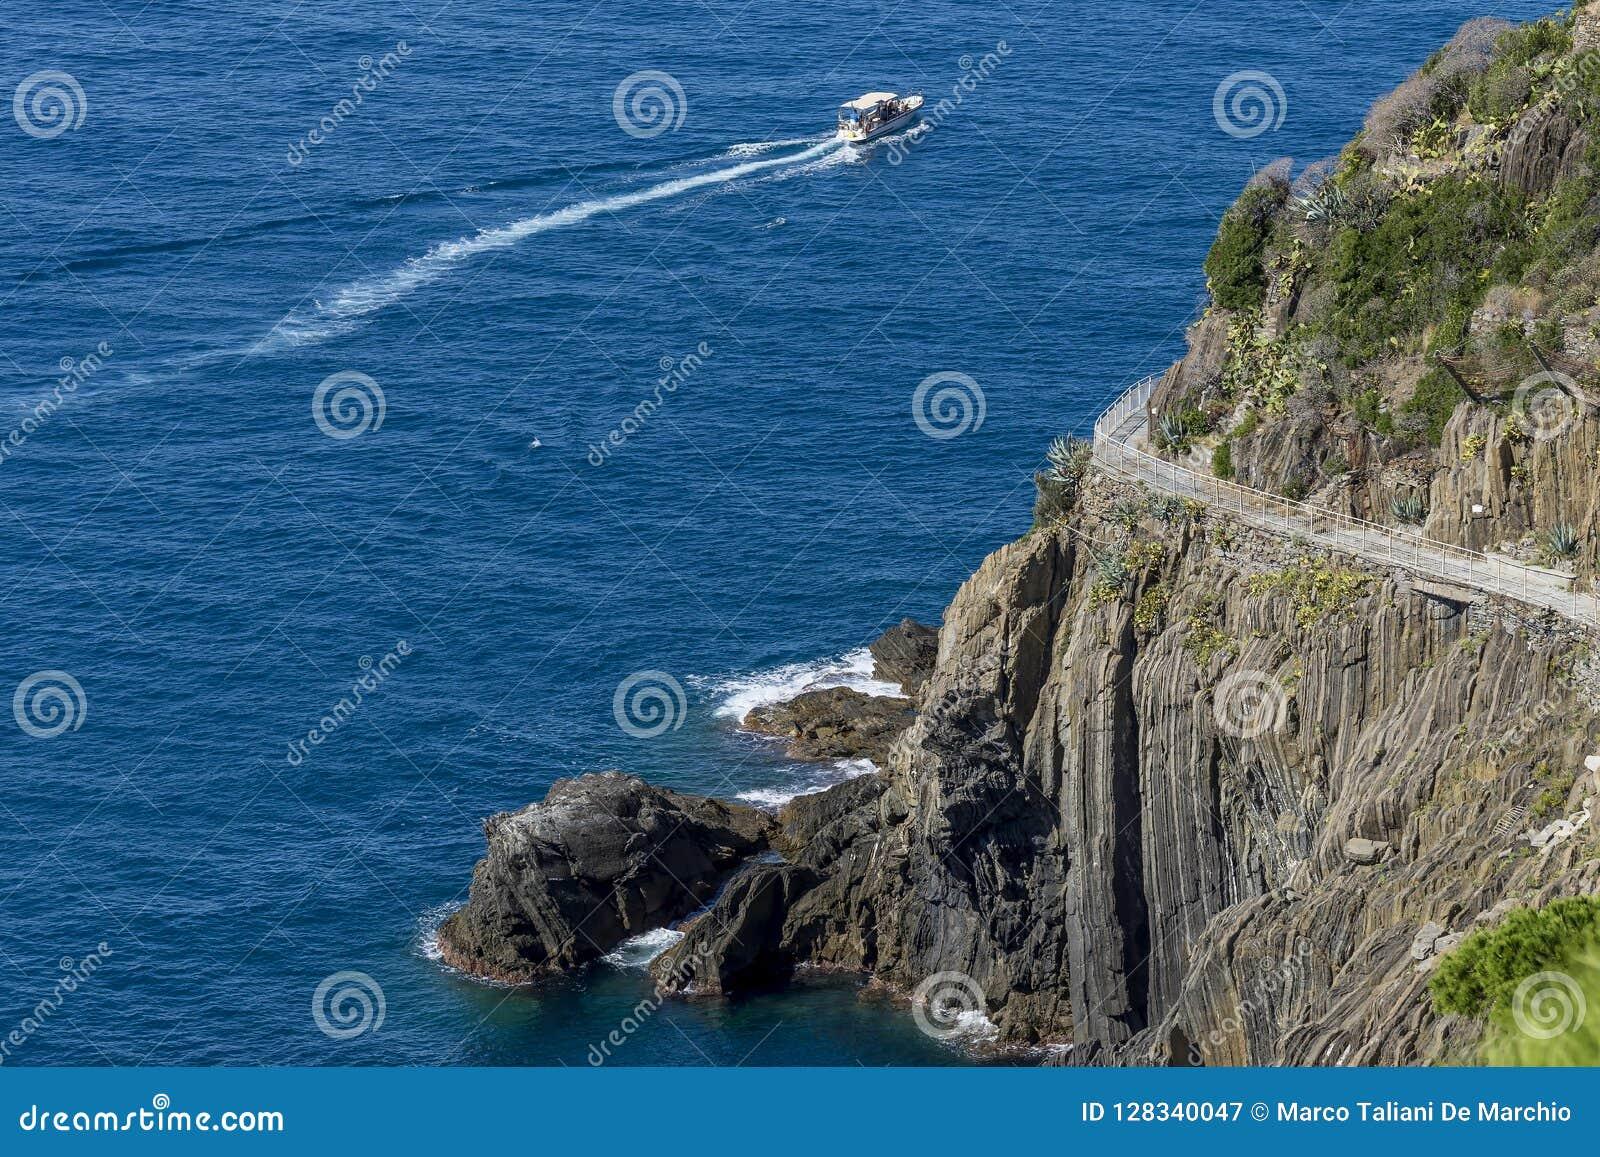 Aerial view of the famous `Via dell`amore` connecting Riomaggiore with Manarola, Cinque Terre, Liguria, Italy